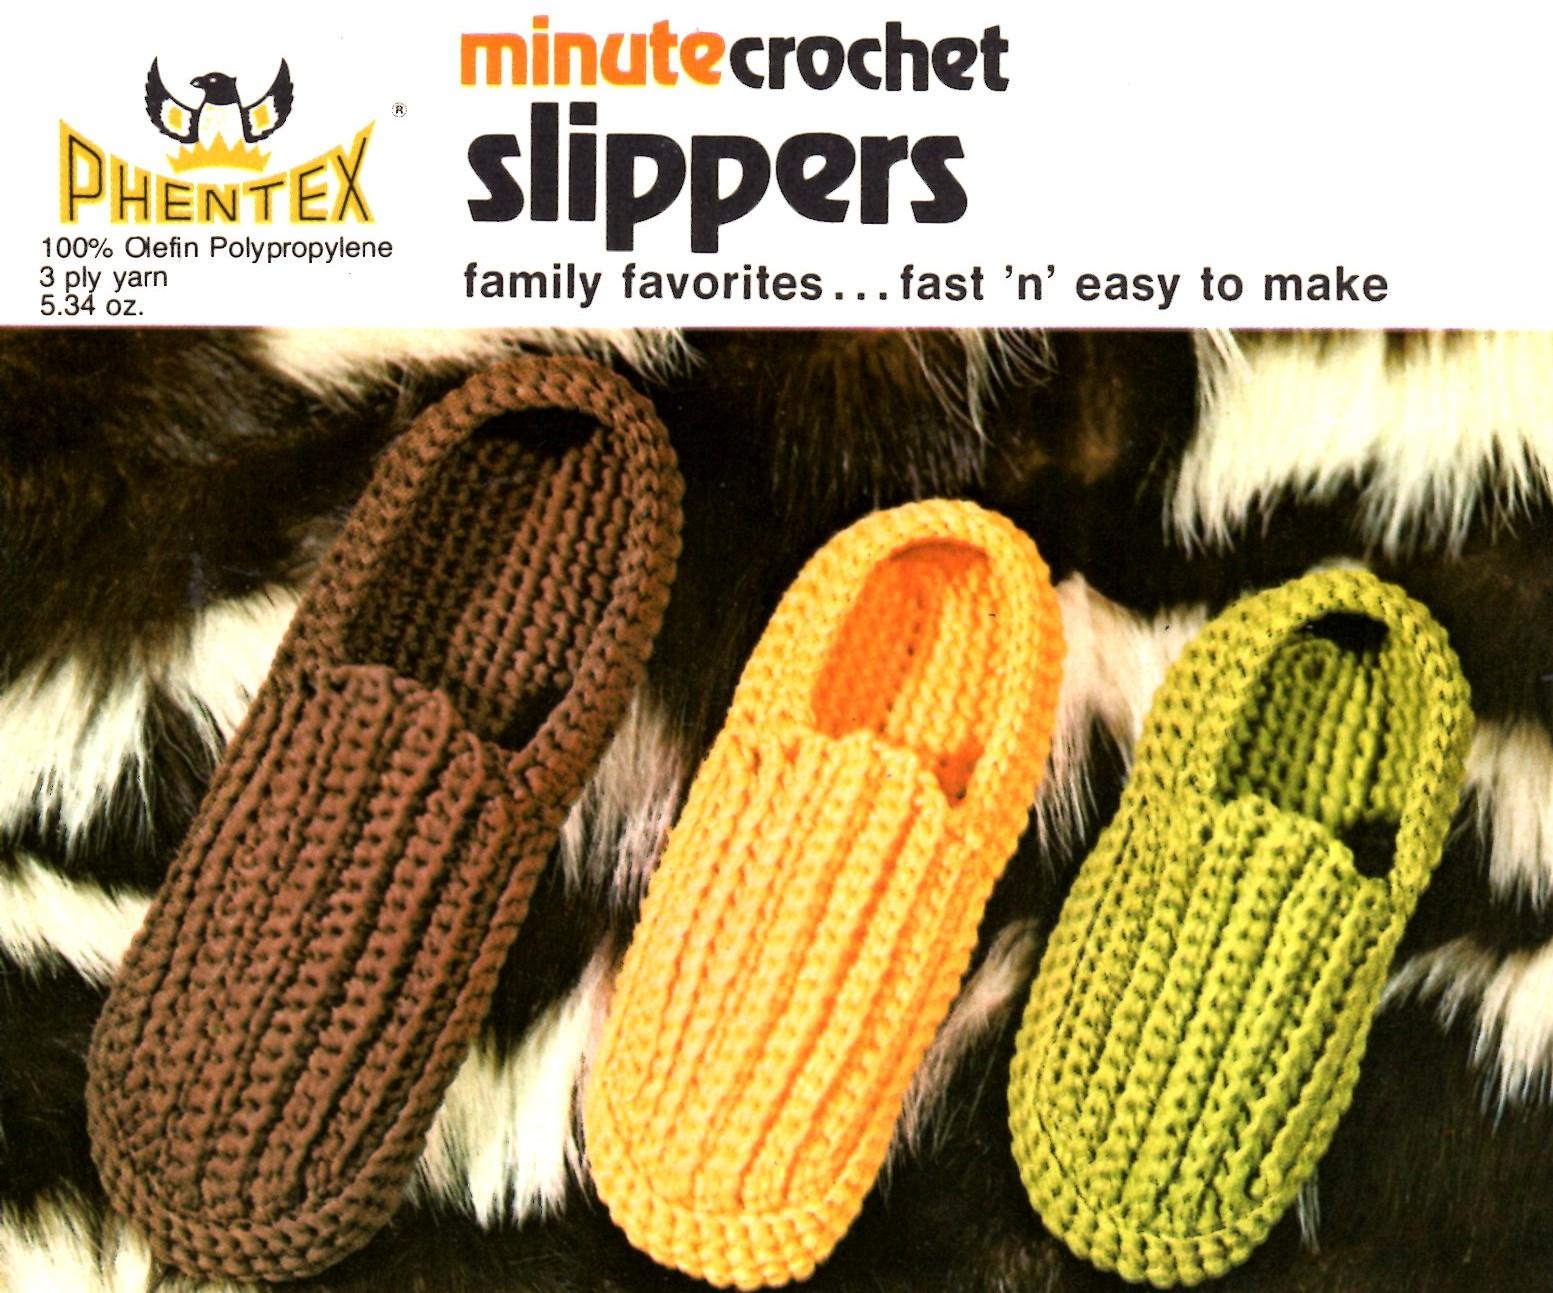 Crochet Slippers minute crochet slippers pattern ybldizn